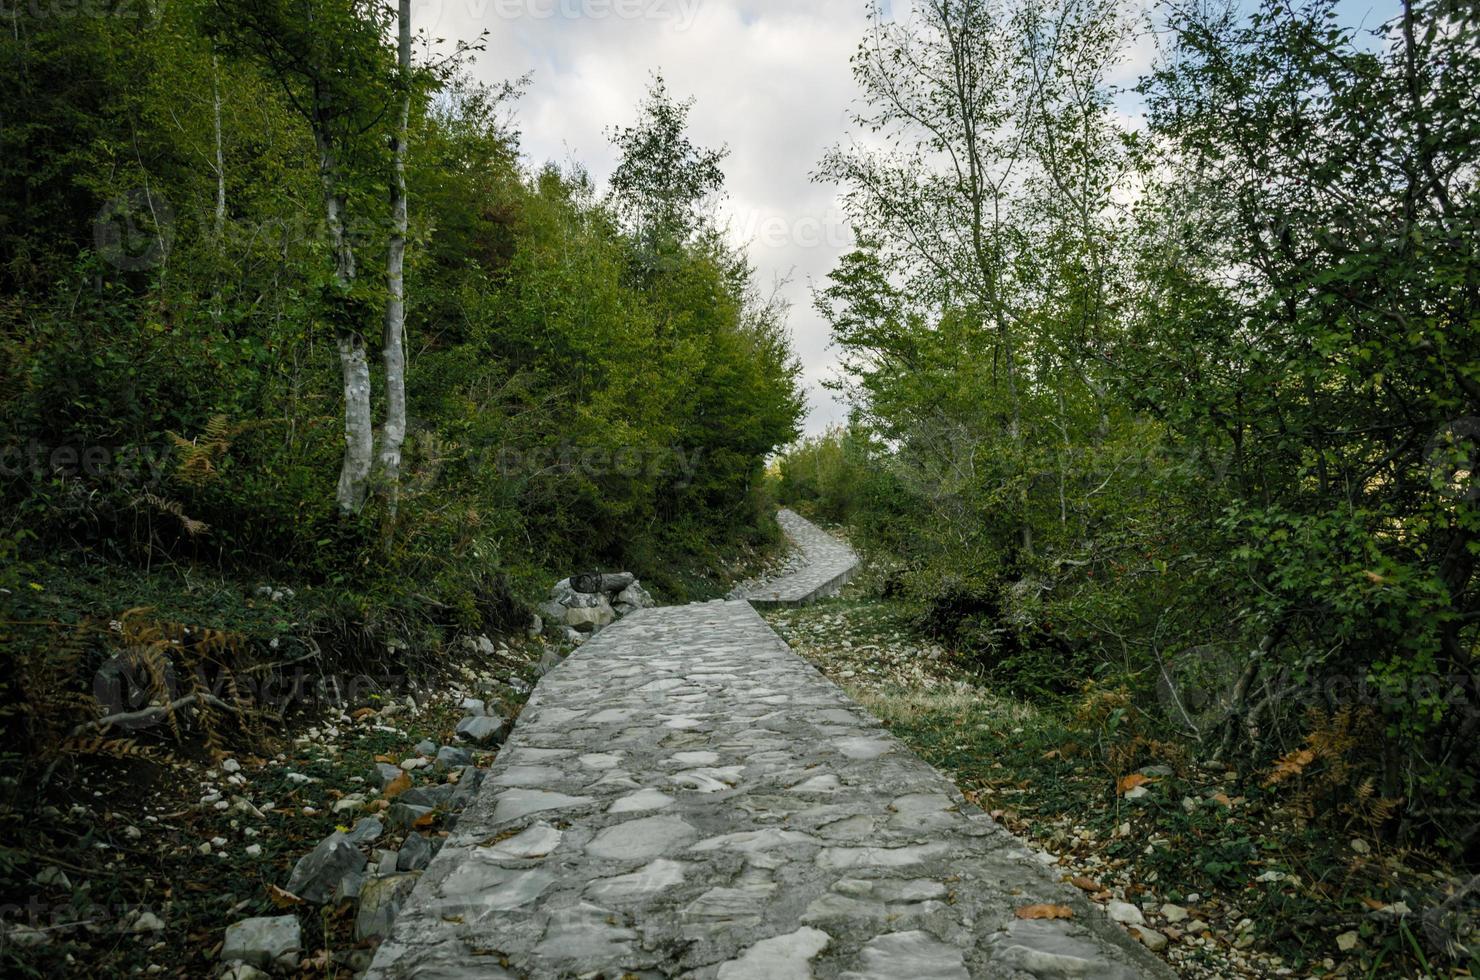 Sendero de piedra con árboles verdes. foto